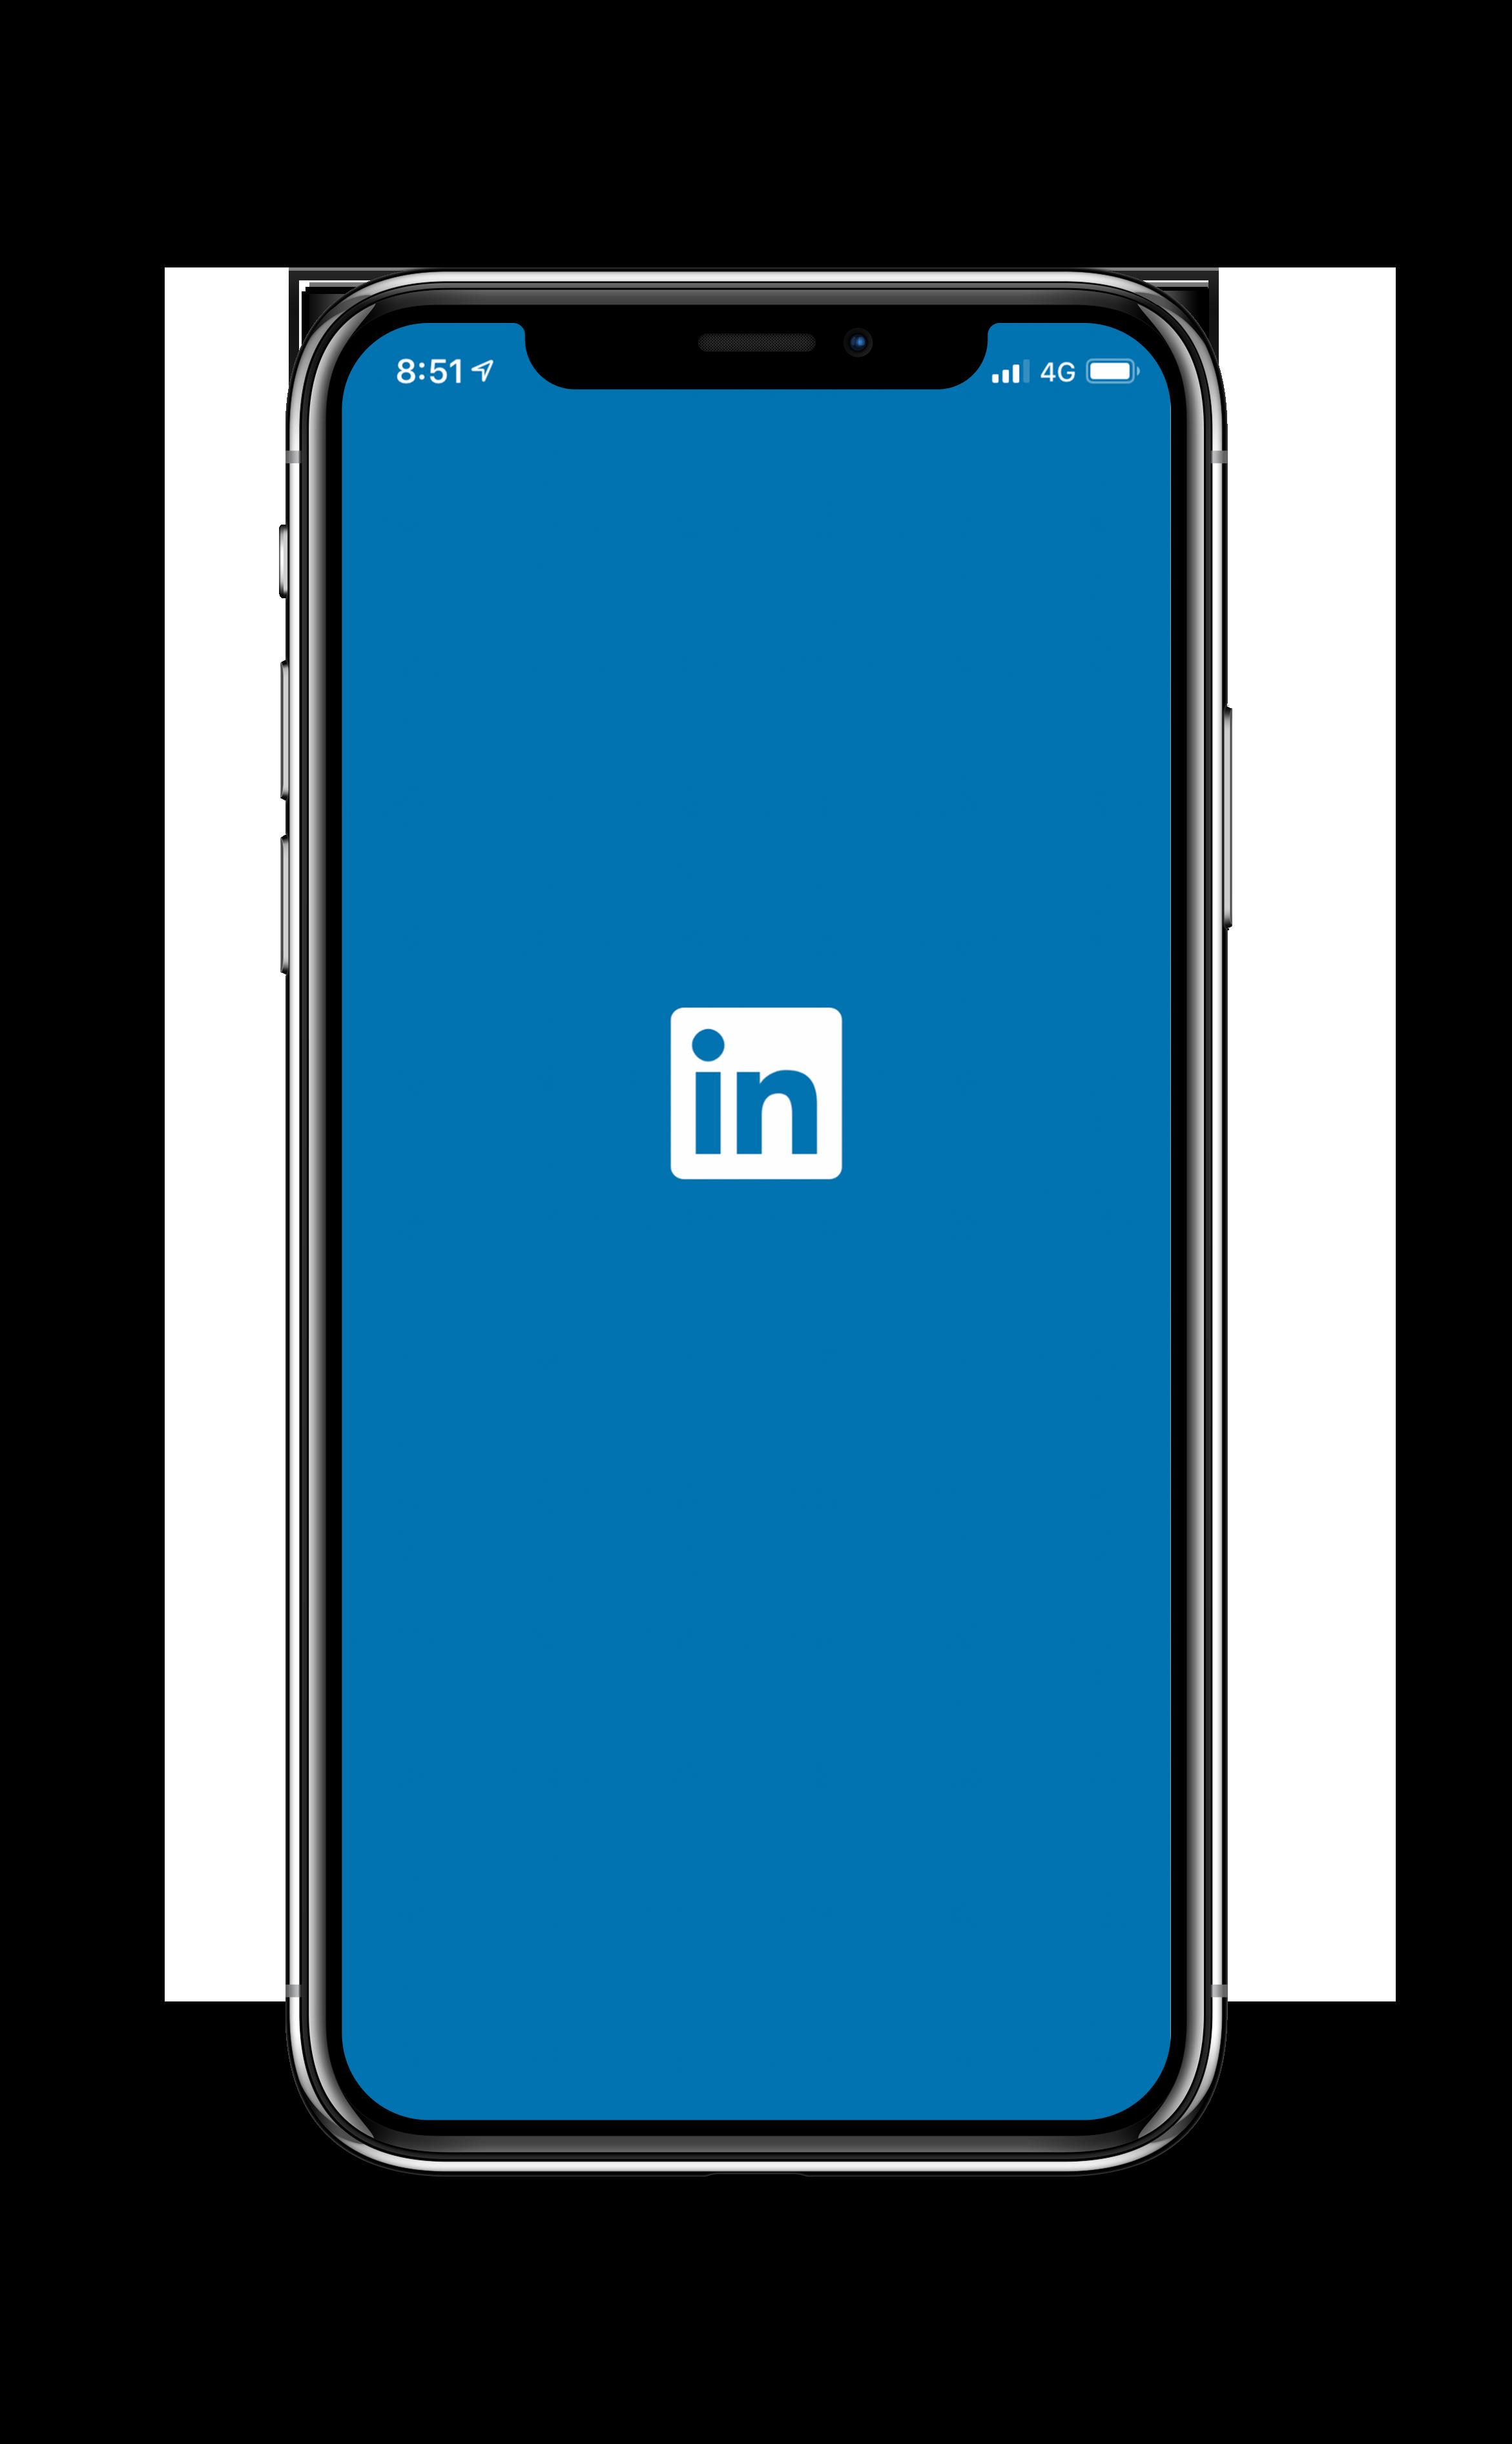 3 0 A LinkedIn.png